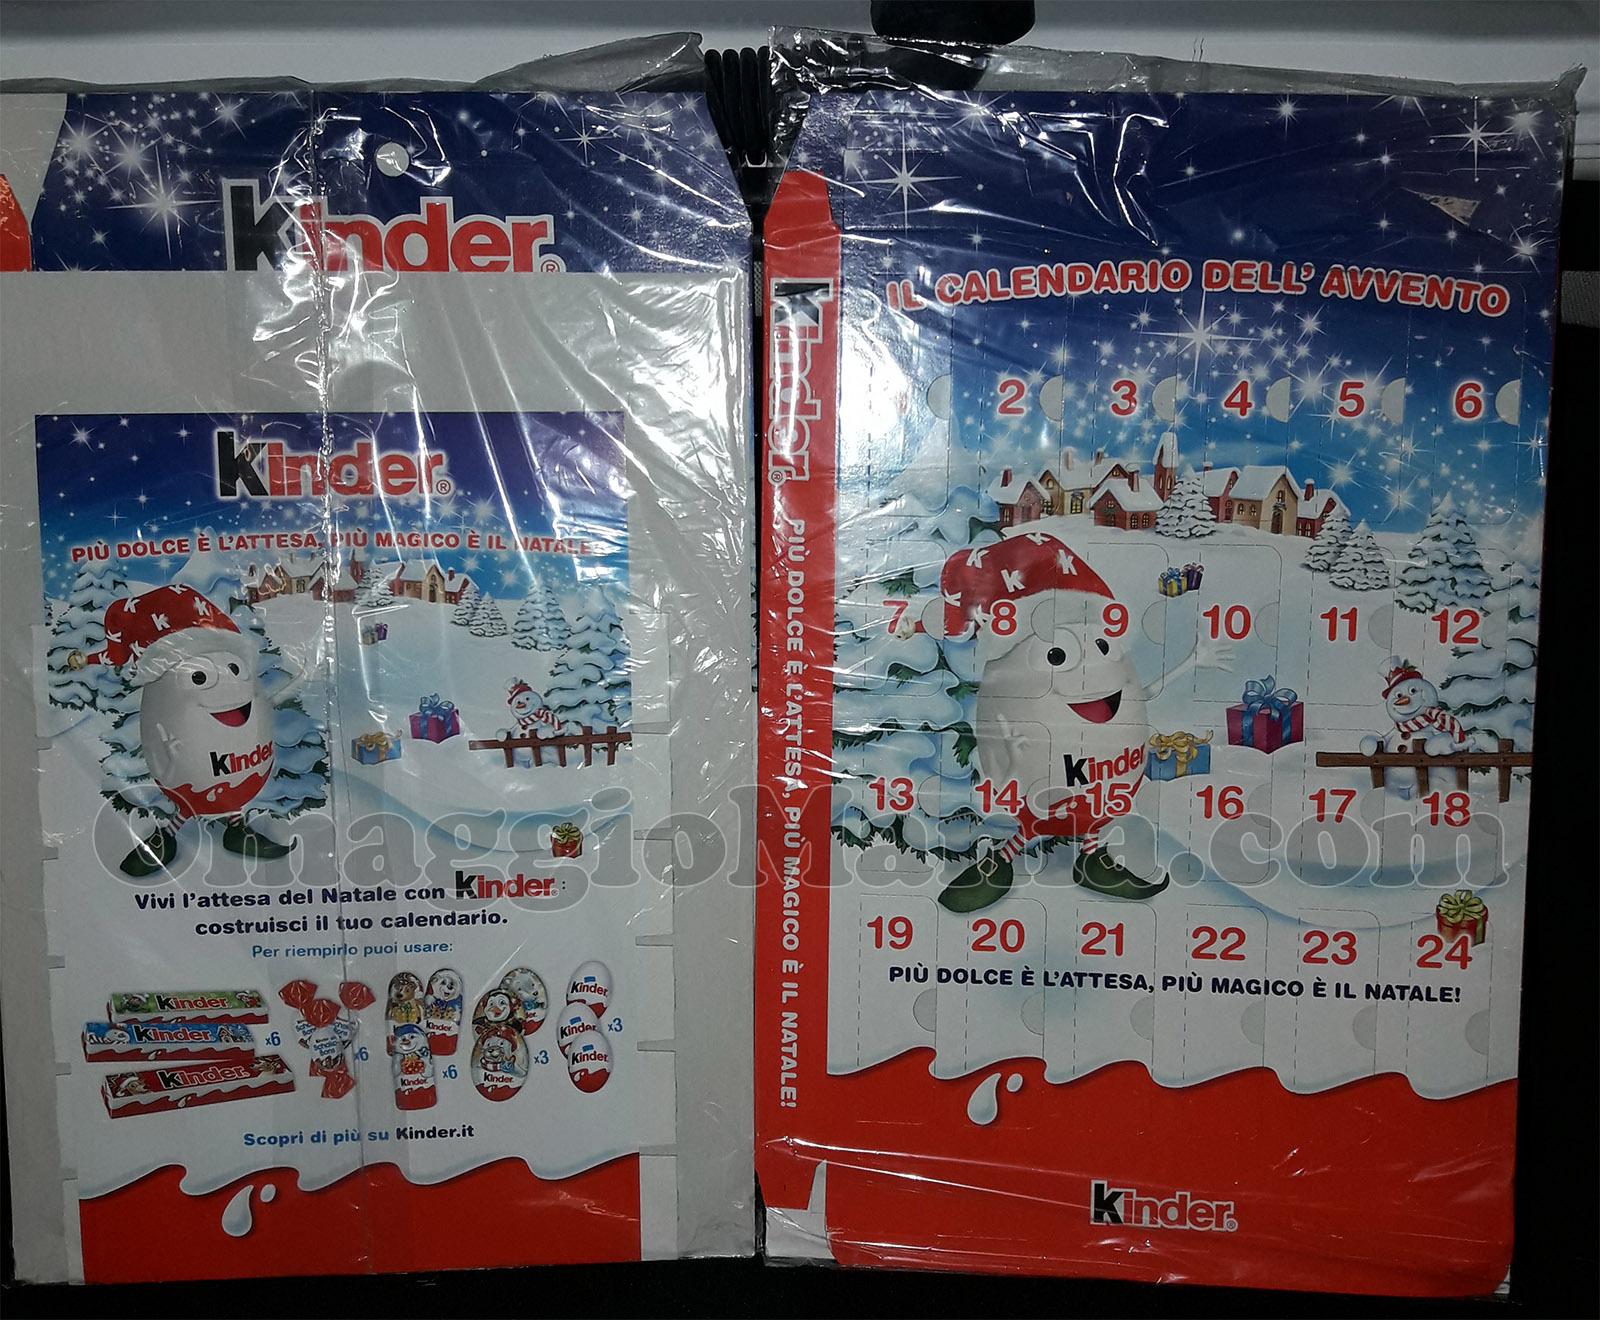 Calendario Avvento Kinder.Calendari Dell Avvento Kinder In Omaggio Omaggiomania